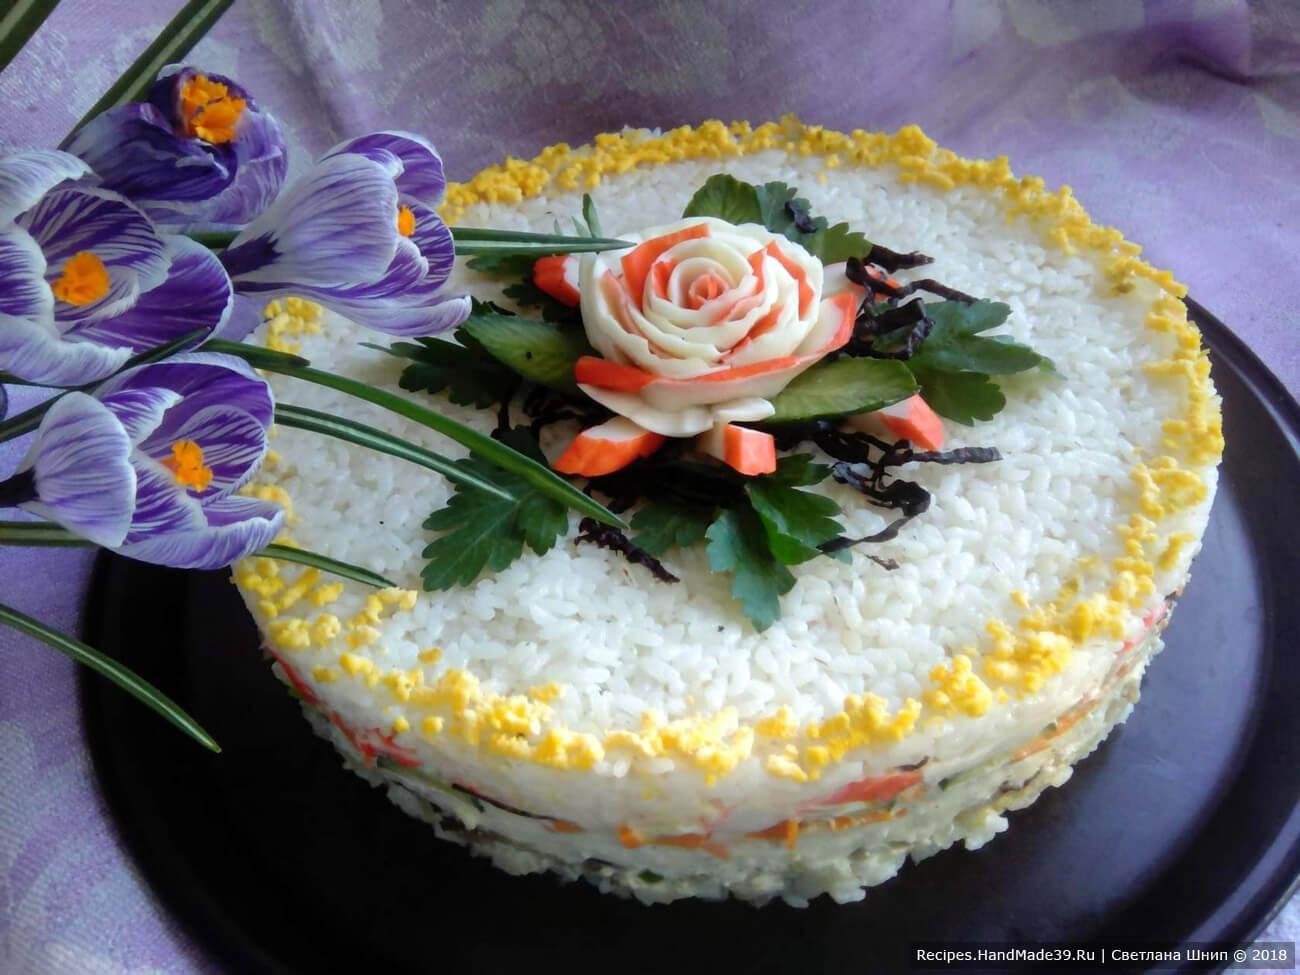 Многослойный закусочный салат-суши с рыбой, сыром, крабовыми палочками, нори